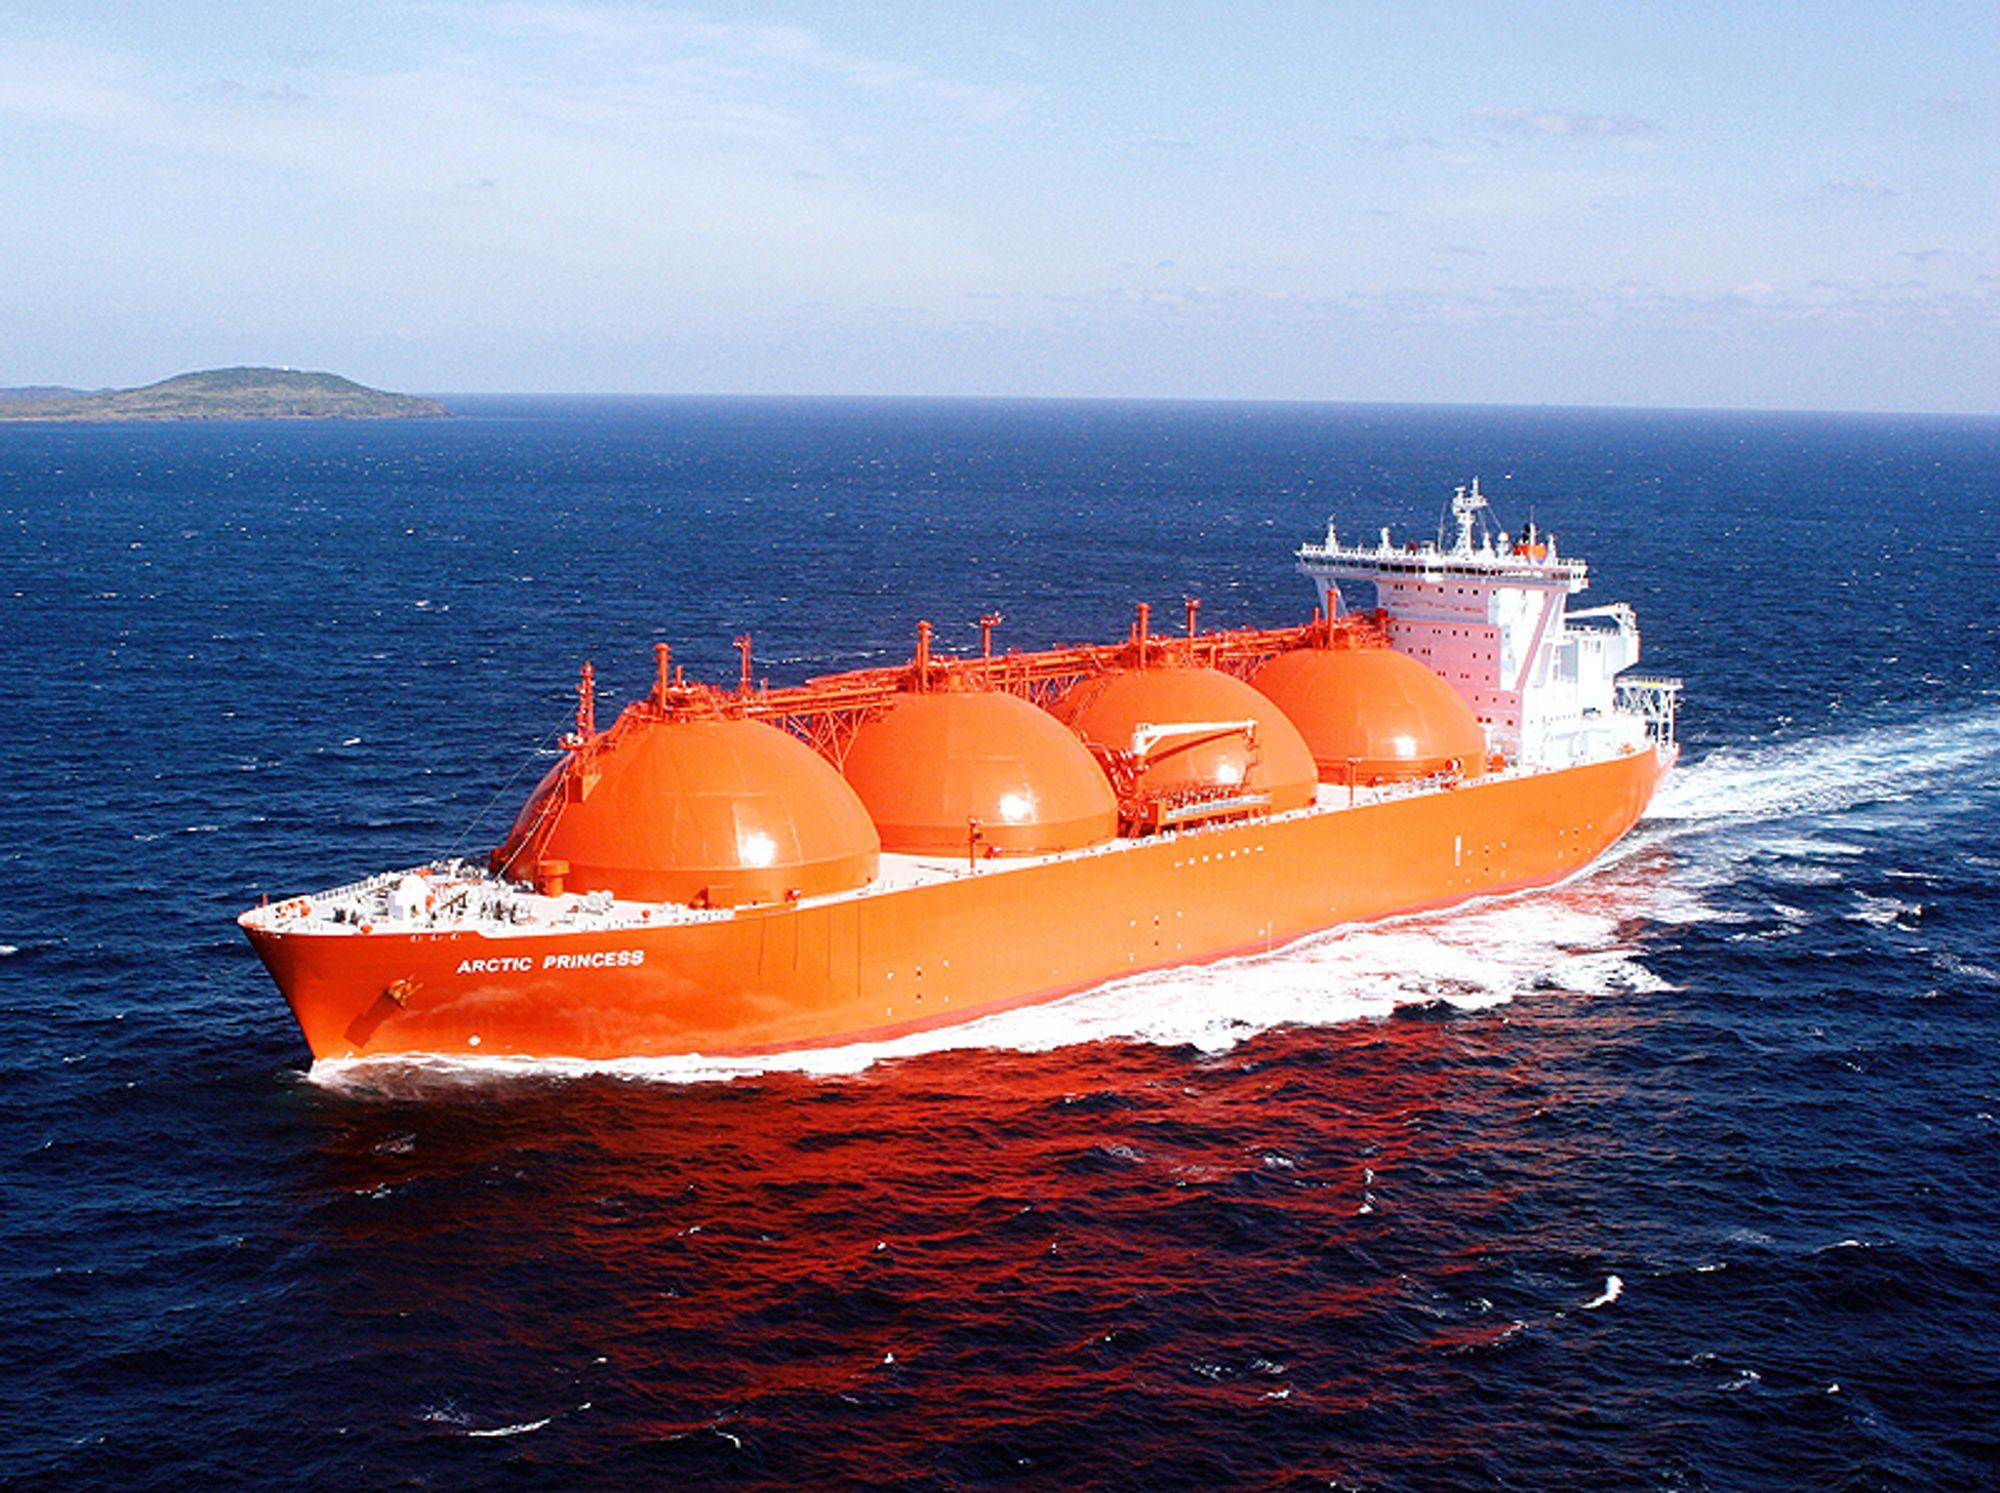 Mer miljøvennlig: I fremtiden kan kanskje LNG-skipene frakte med seg CO2 tilbake til utvinningsfeltet om det blir som forsker Audun Aspelund tror.